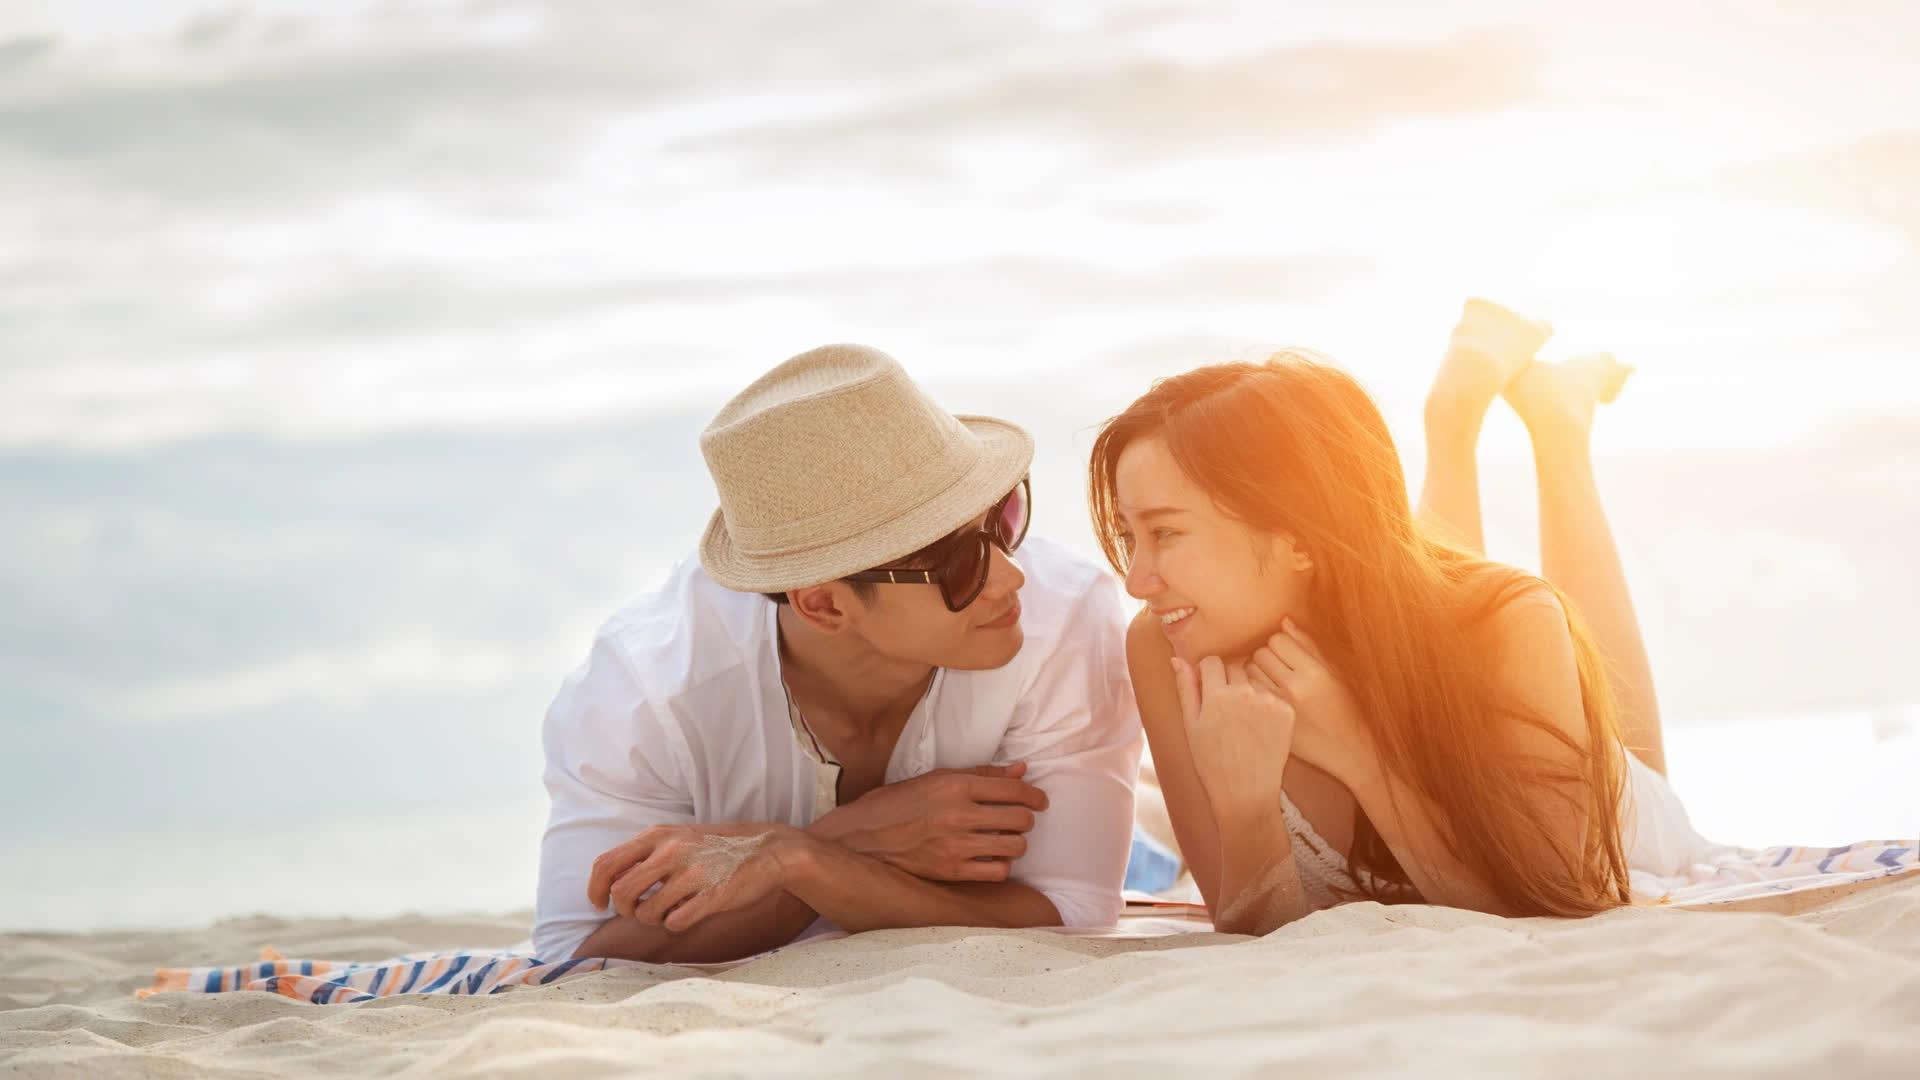 8 dấu hiệu cho thấy bạn đang có một tình yêu đích thực, cần trân trọng, giữ gìn - Ảnh 7